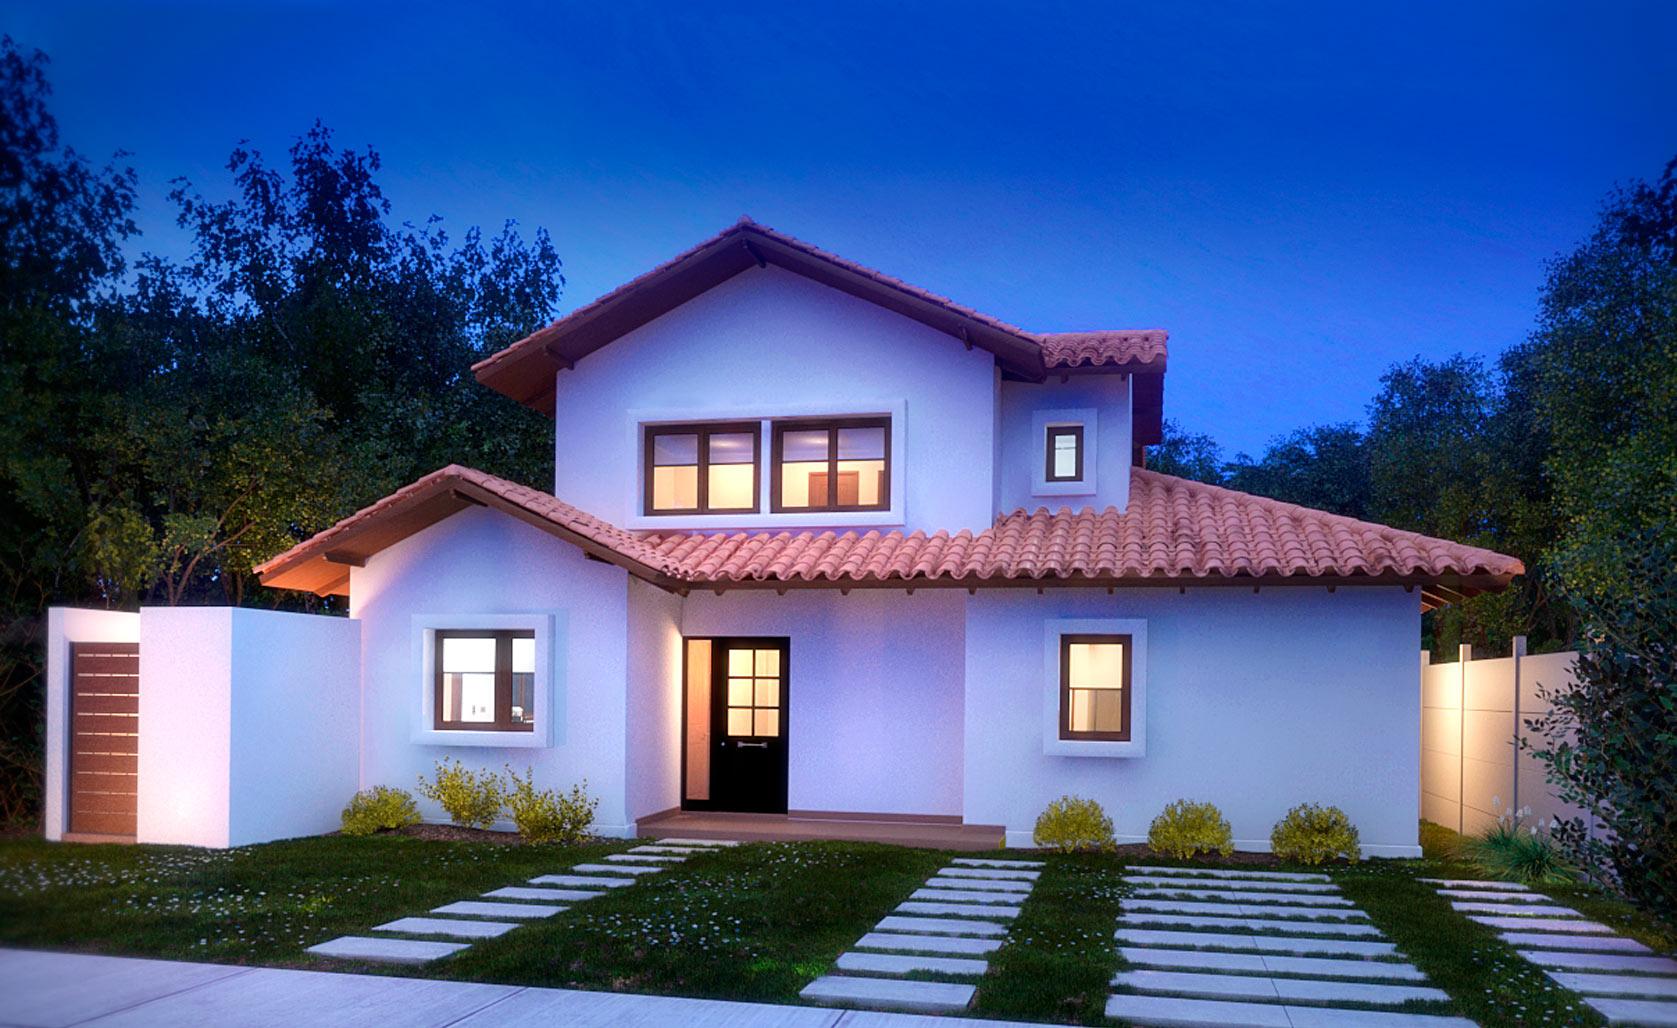 Cuidar tu hogar cuando est s de vacaciones topali seguridad privada en guadalajara - Paginas para alquilar apartamentos vacaciones ...